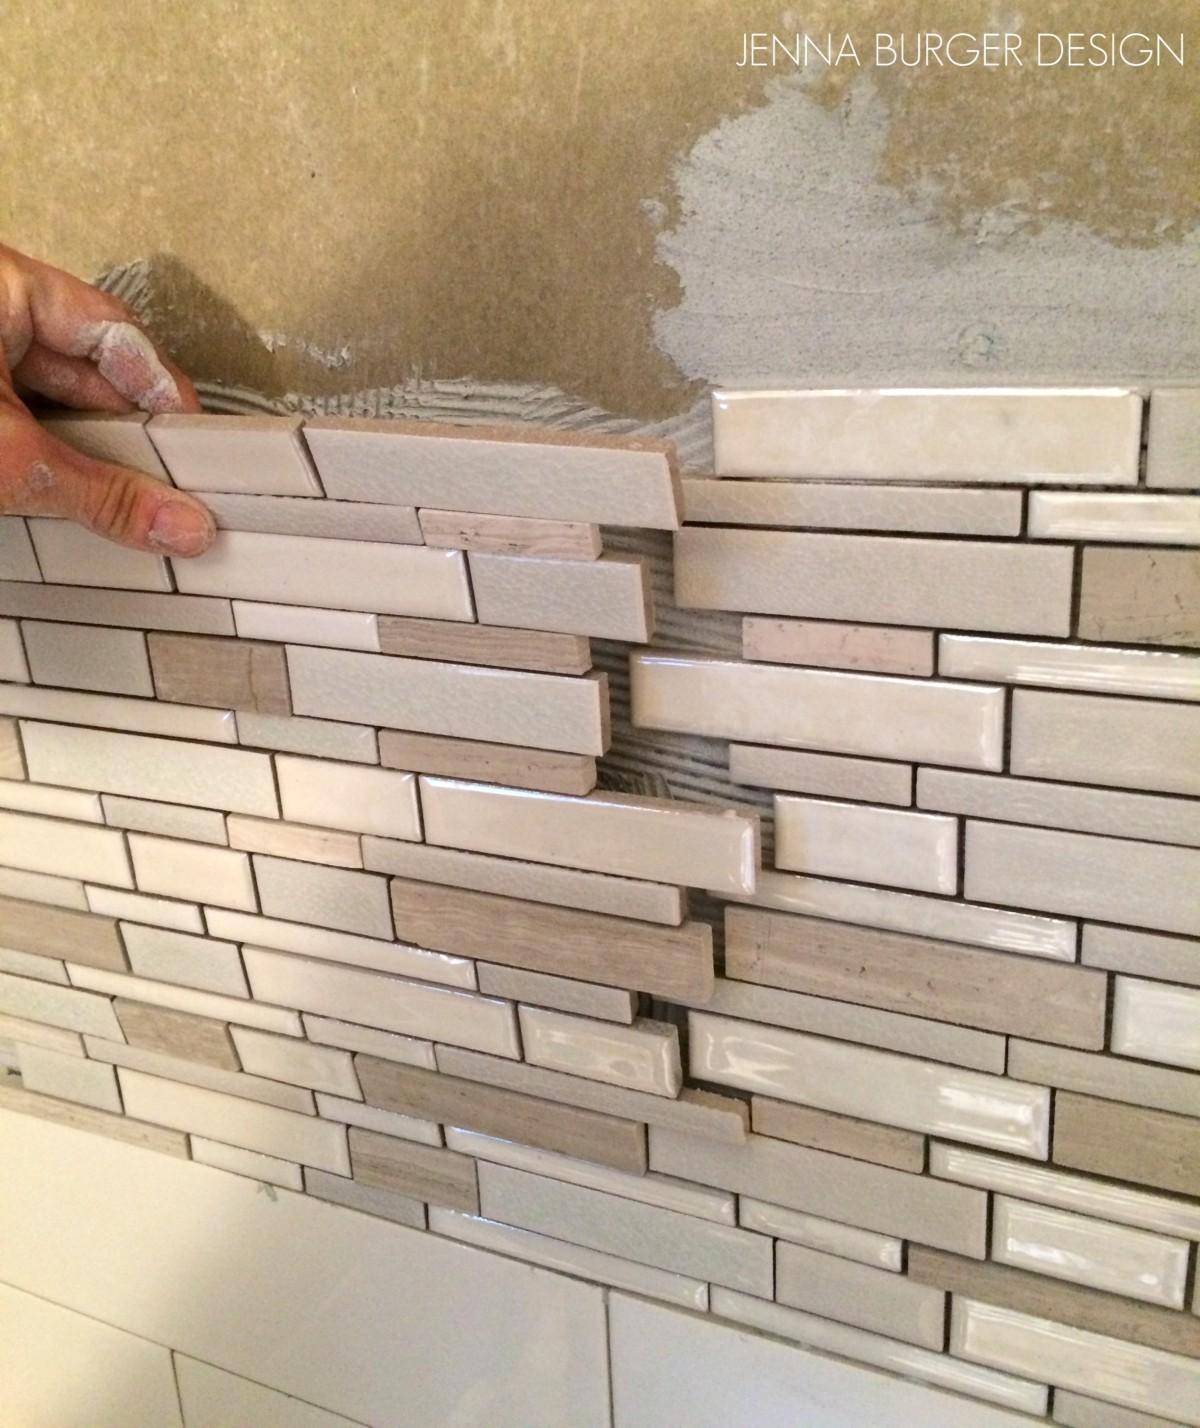 Master Bathroom Renovation: Tile + Grout - Jenna Burger